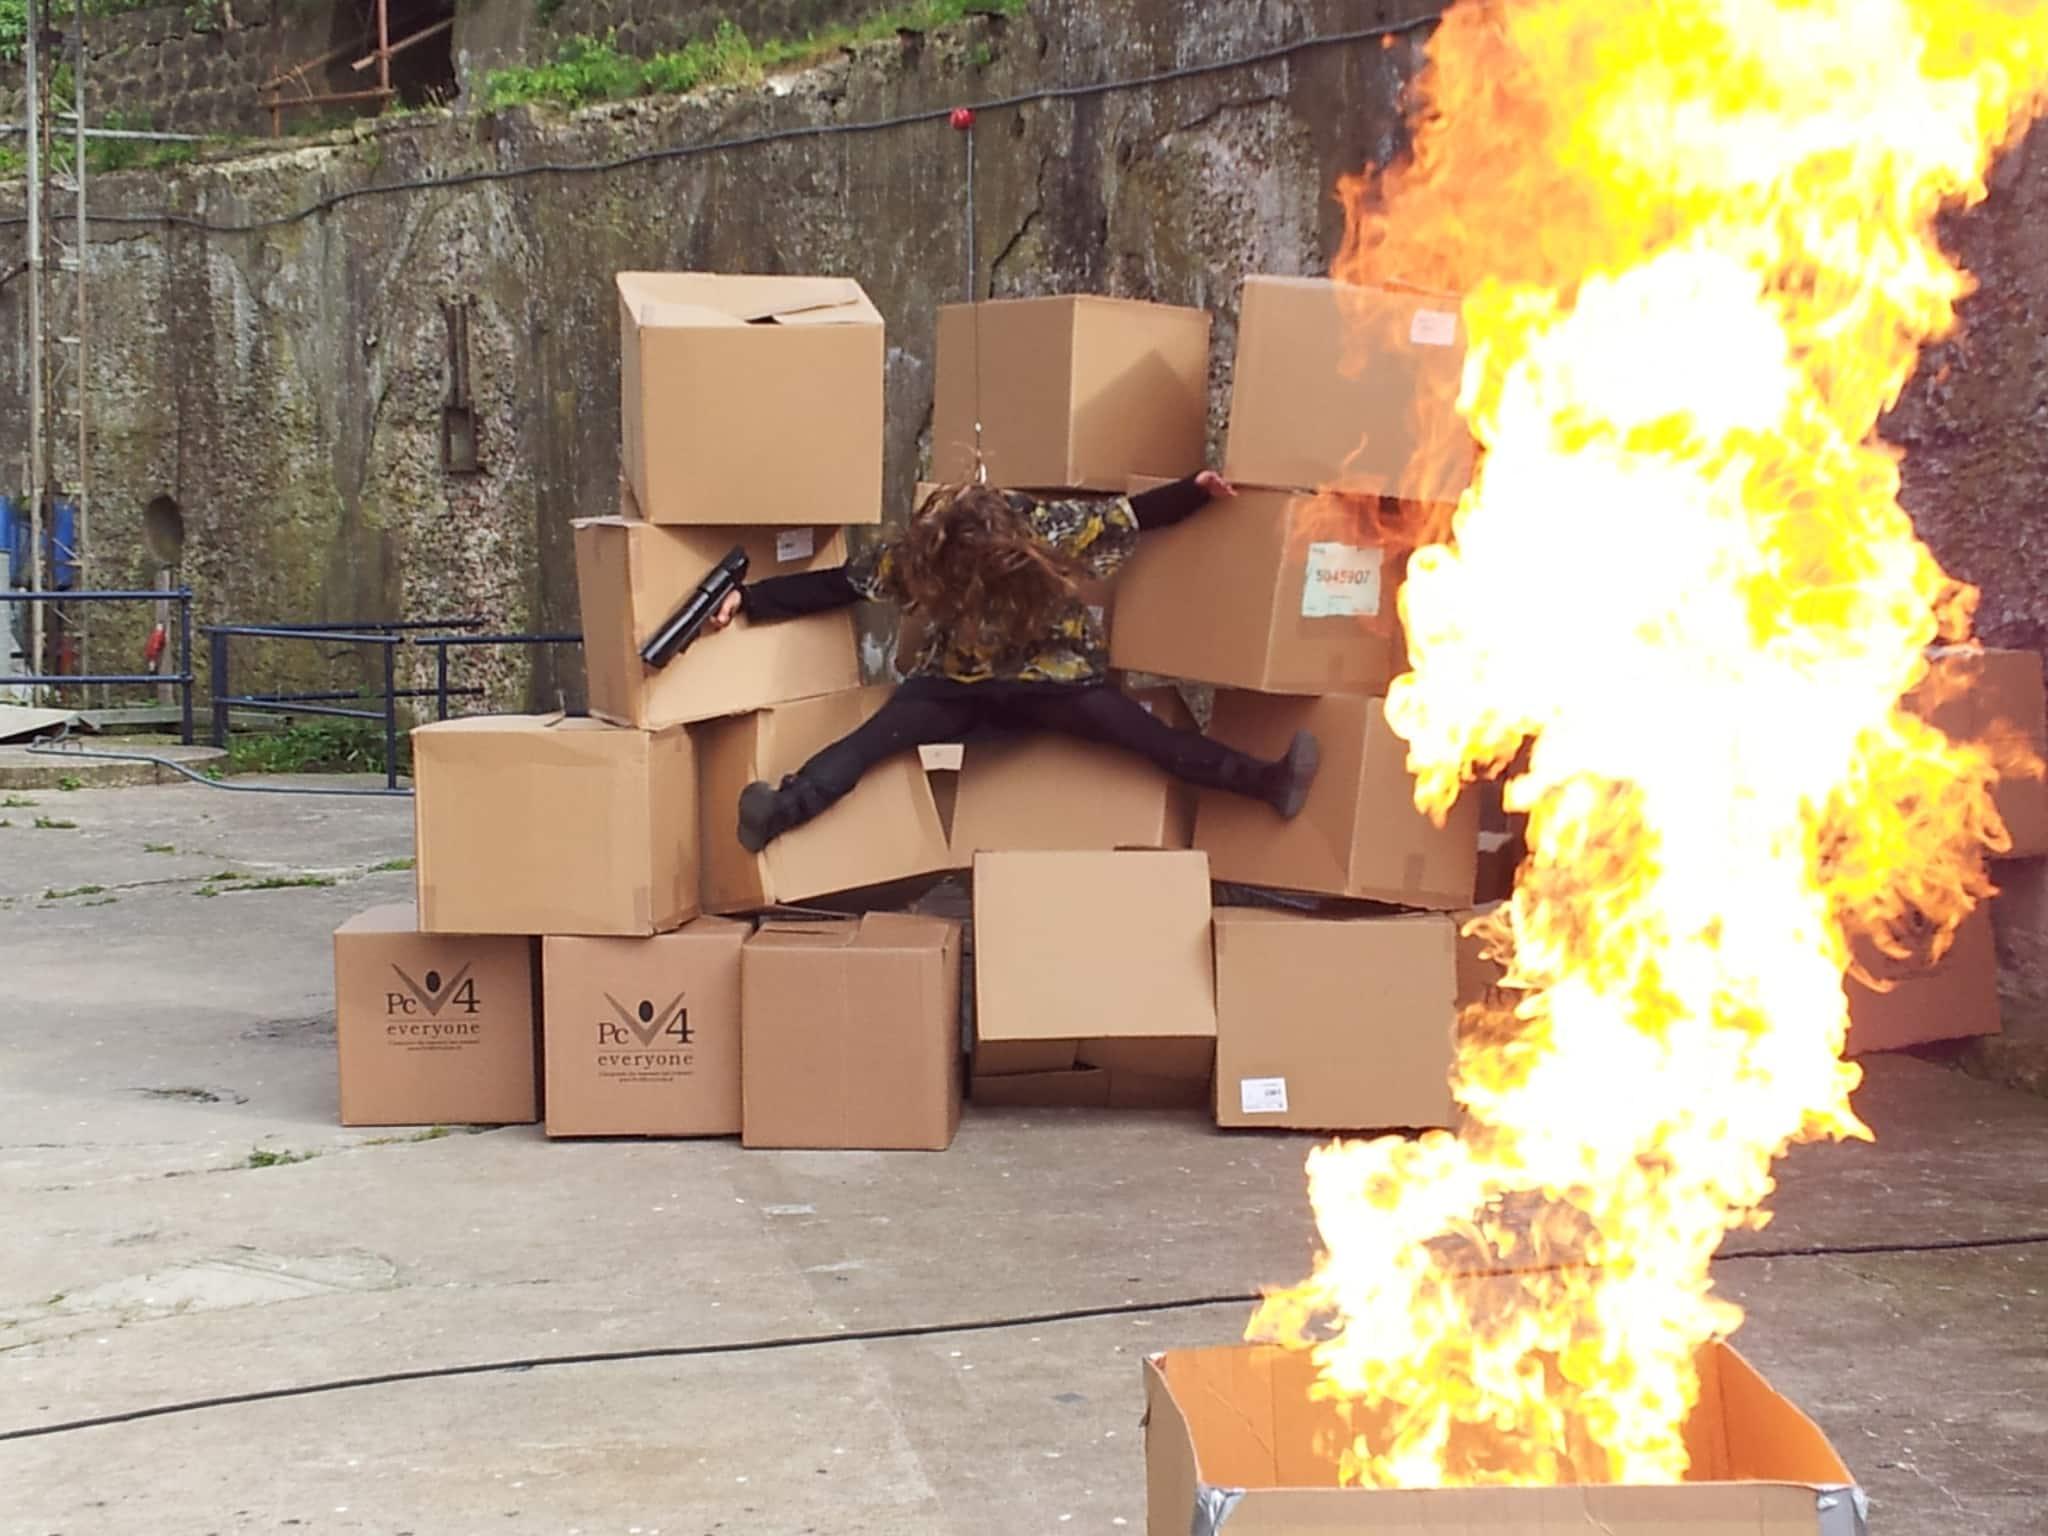 Deze ratchetstunt door ons stuntteam icm een explosie.